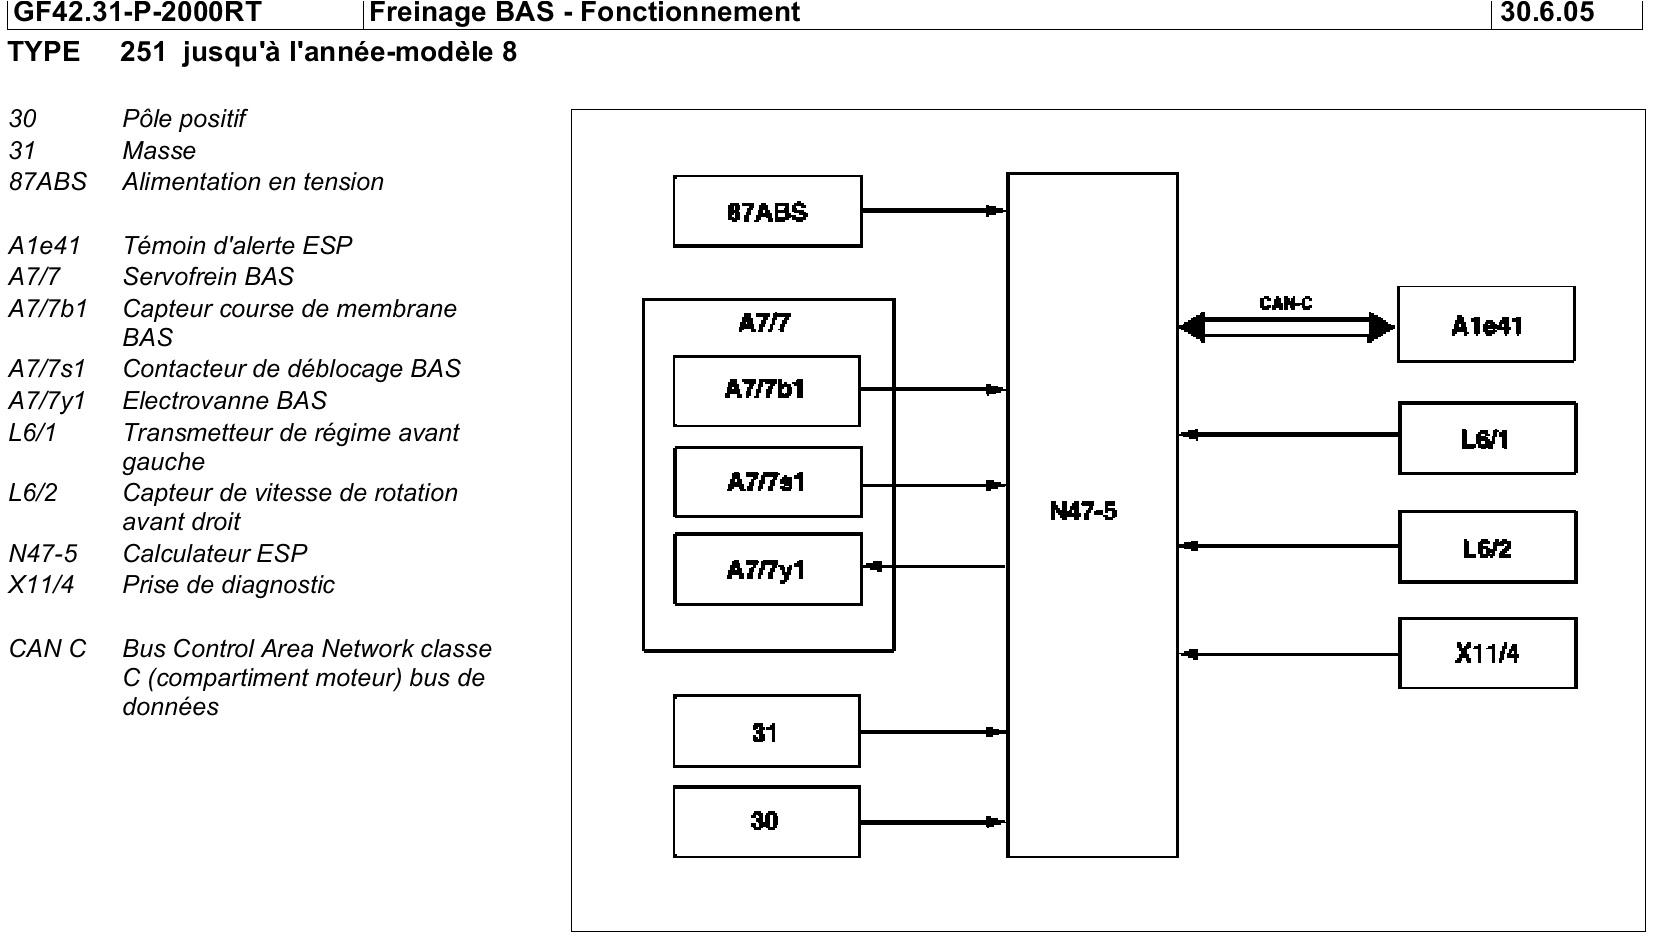 fonctionnement-BAS-WDC2511721A0578591-1-.jpg